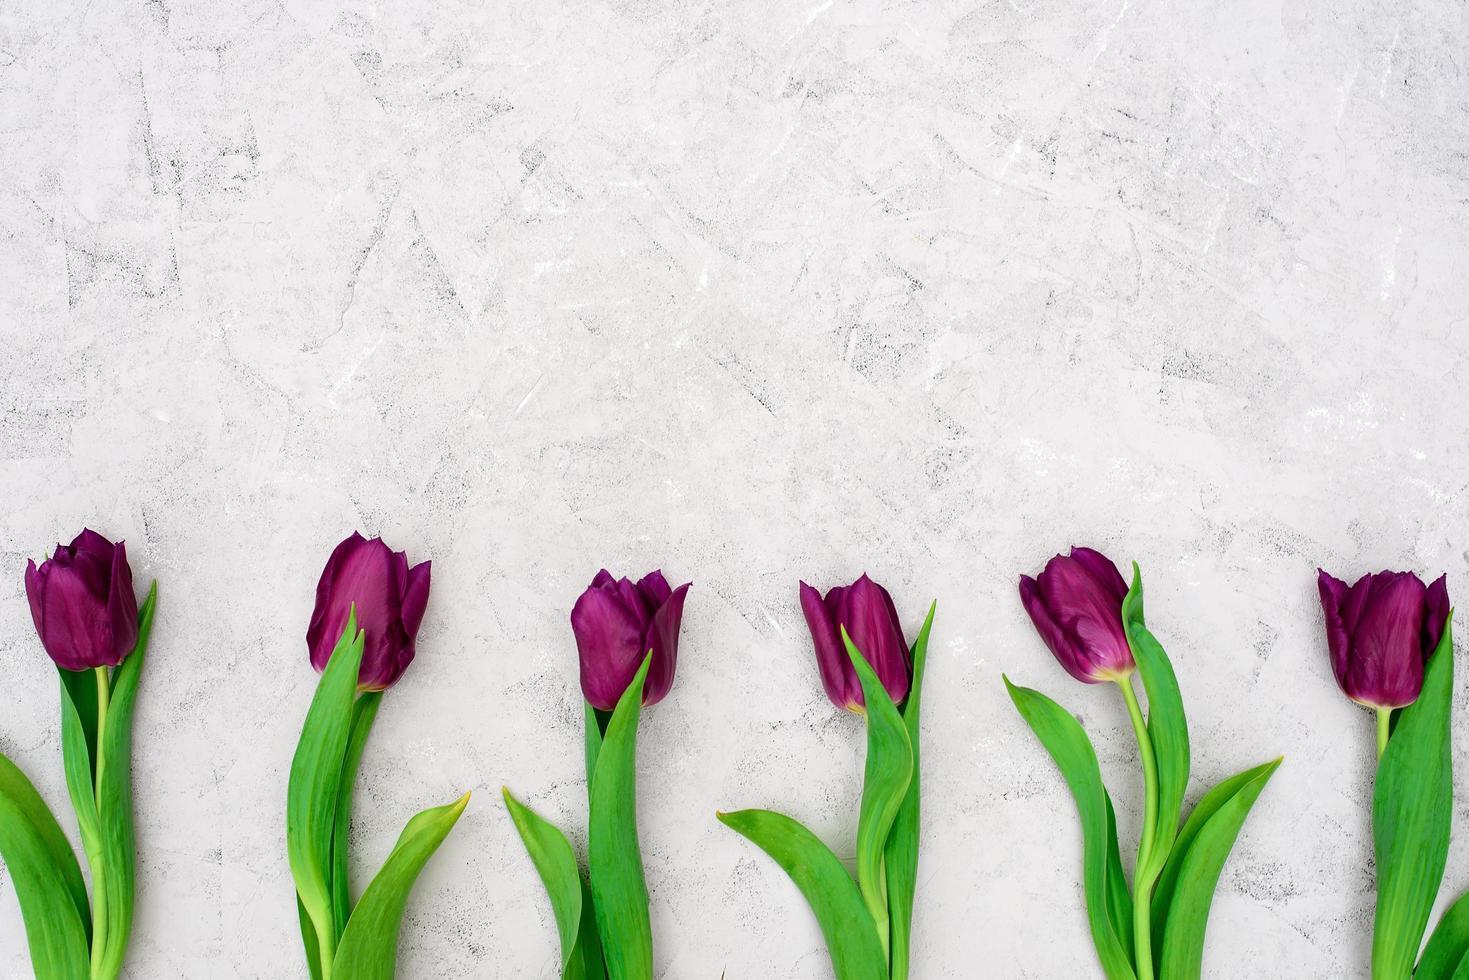 rad med lila vår tulpan blommor mot en ljus sten bakgrund. platt låg. kopiera utrymme. mors dag. internationella kvinnodagen. foto